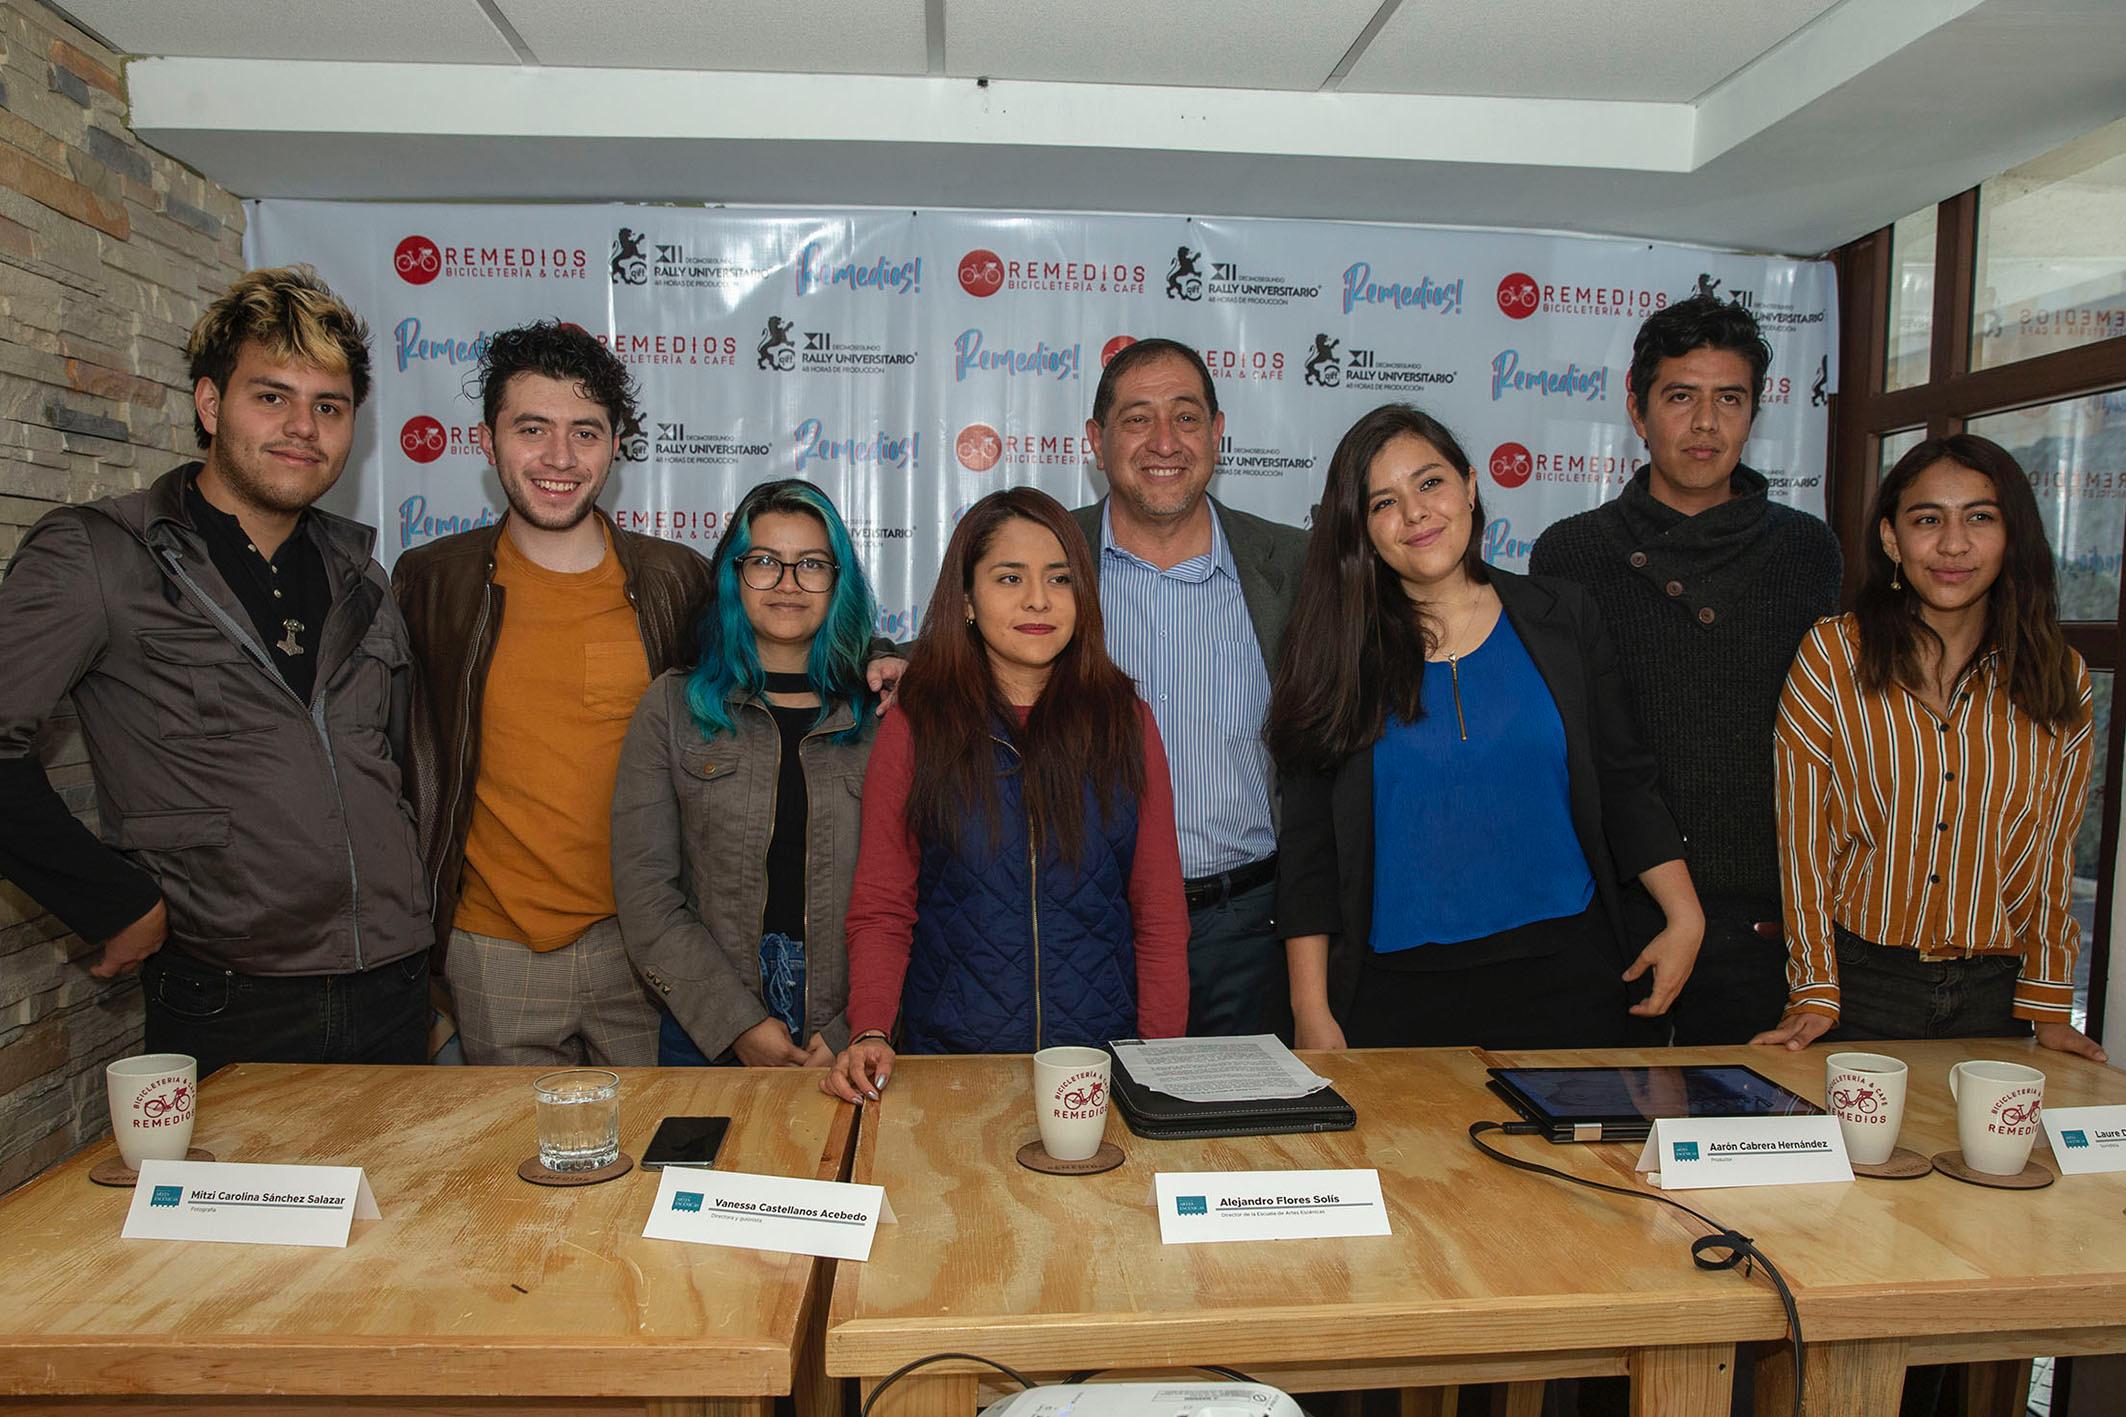 ¡Remedios!, representará a UAEM en Festival de Cine Internacional